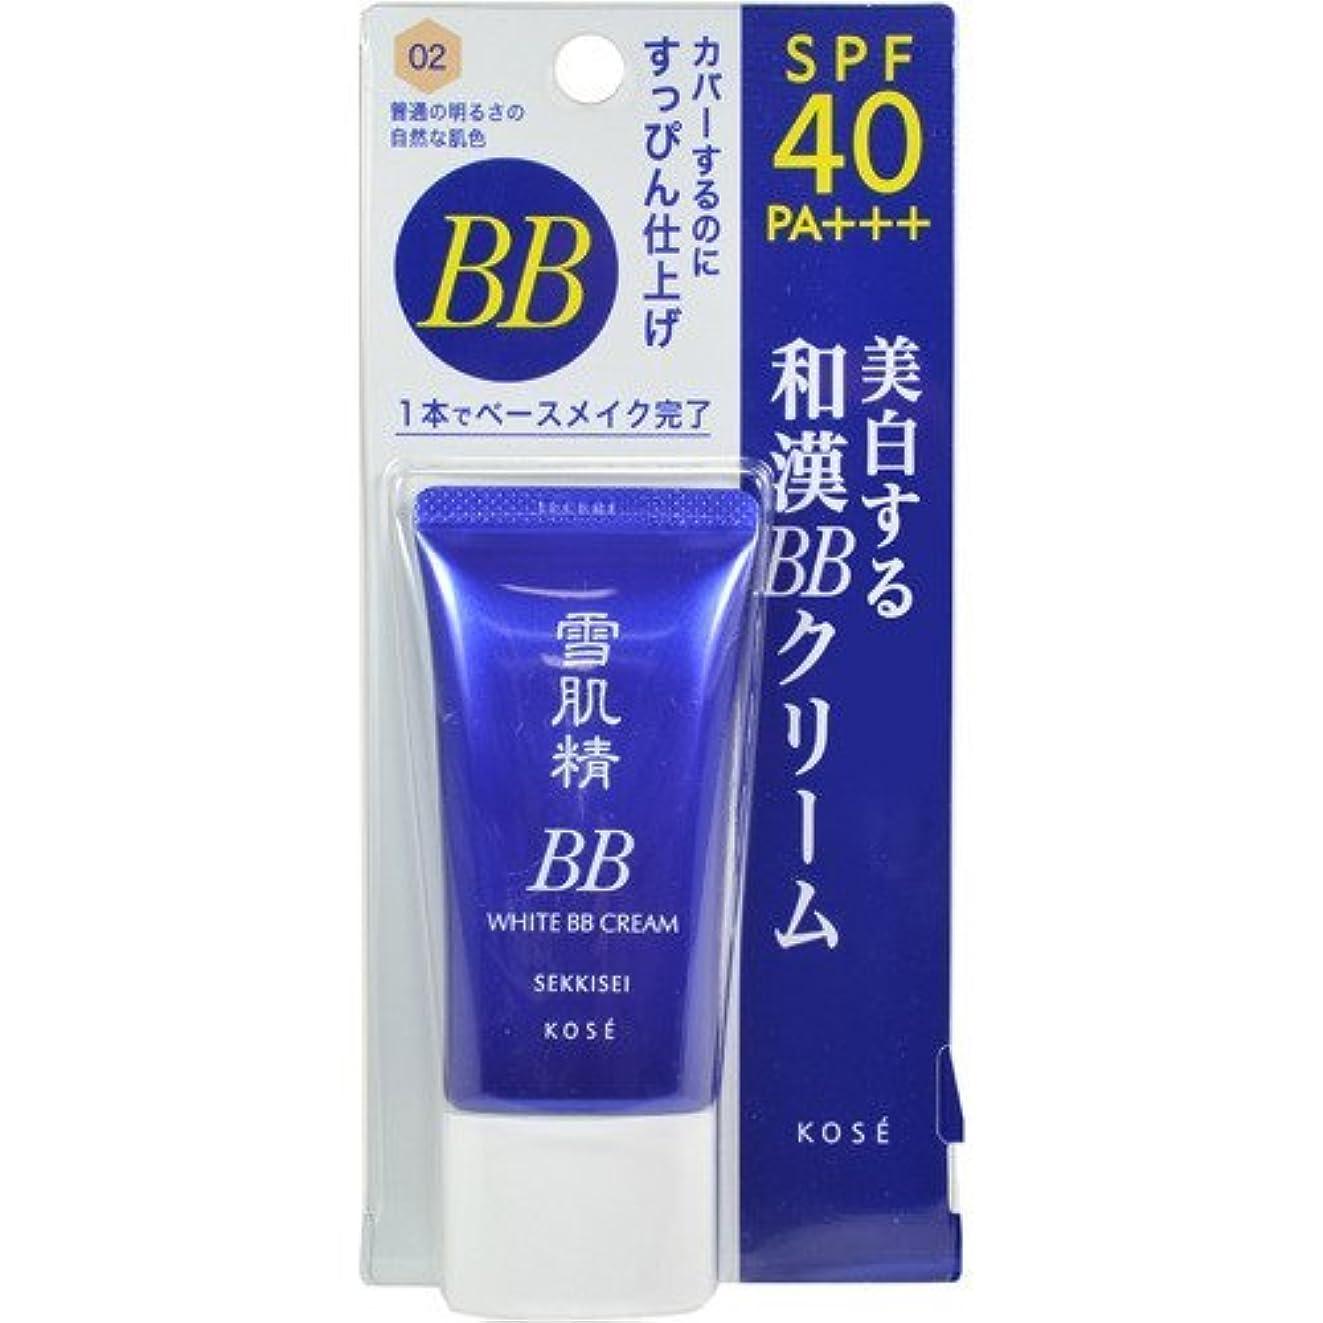 コーセー 雪肌精 ホワイト BBクリーム 02  30g